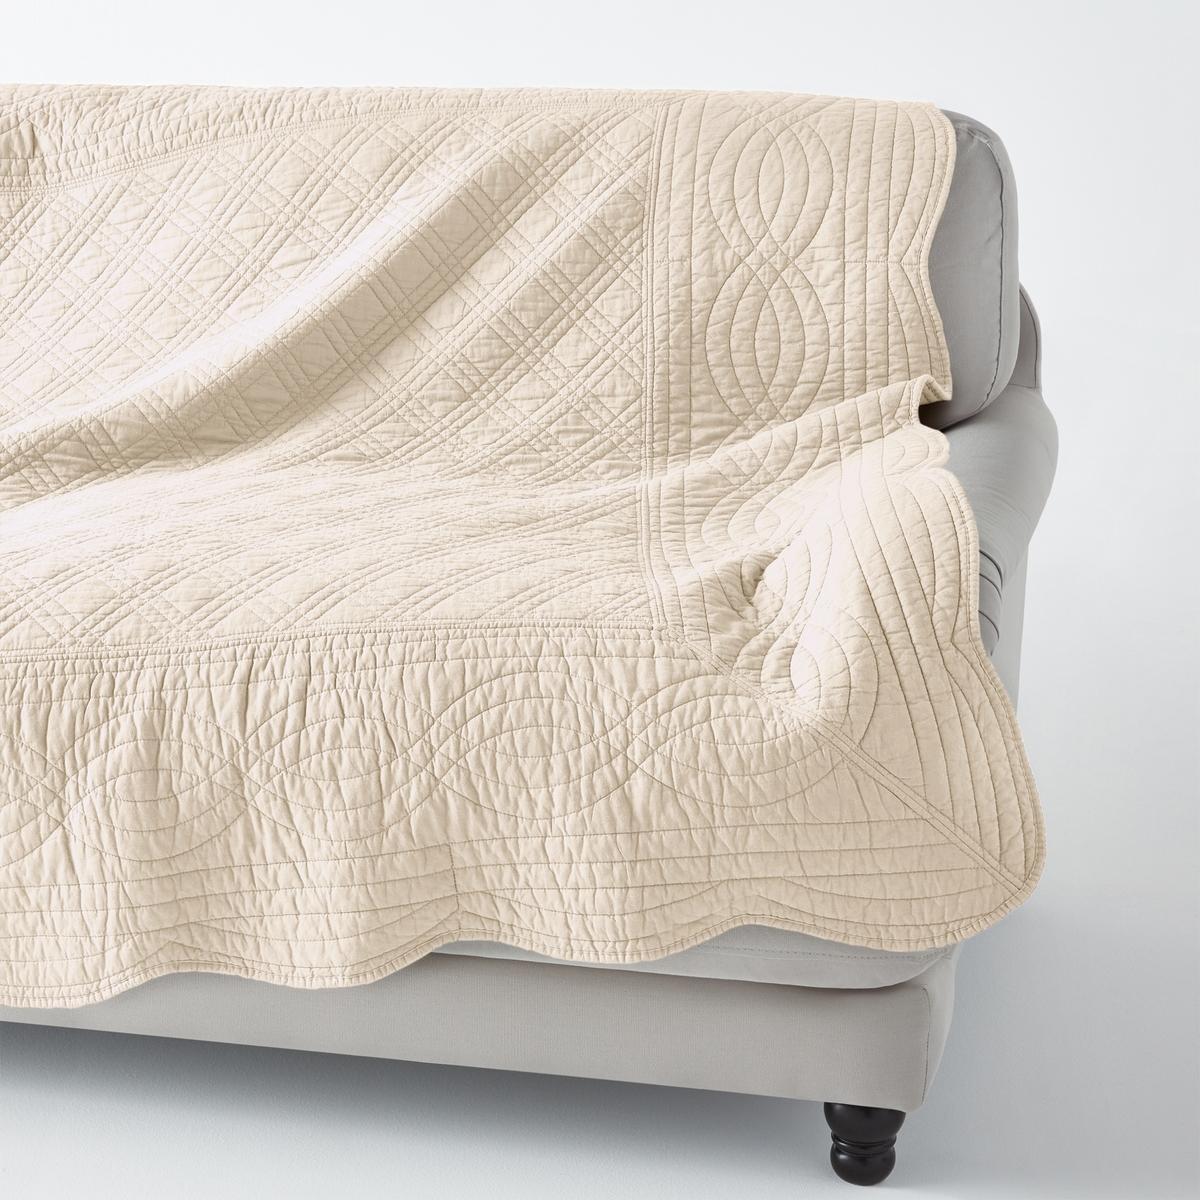 Покрывало стеганоеКачество VALEUR S?RE за качество материалов и тщательную отделку. 100% хлопка. Ручная работа, рельефная стежка, современная цветовая гамма. Наполнитель из 100% хлопка (250 г/м?). Волнистые края. Украсит кровать, кресло, диван… Стирка при 40°. Превосходная<br><br>Цвет: антрацит,белый,светло-коричневый,серо-коричневый,Серо-синий,экрю,ярко-фиолетовый